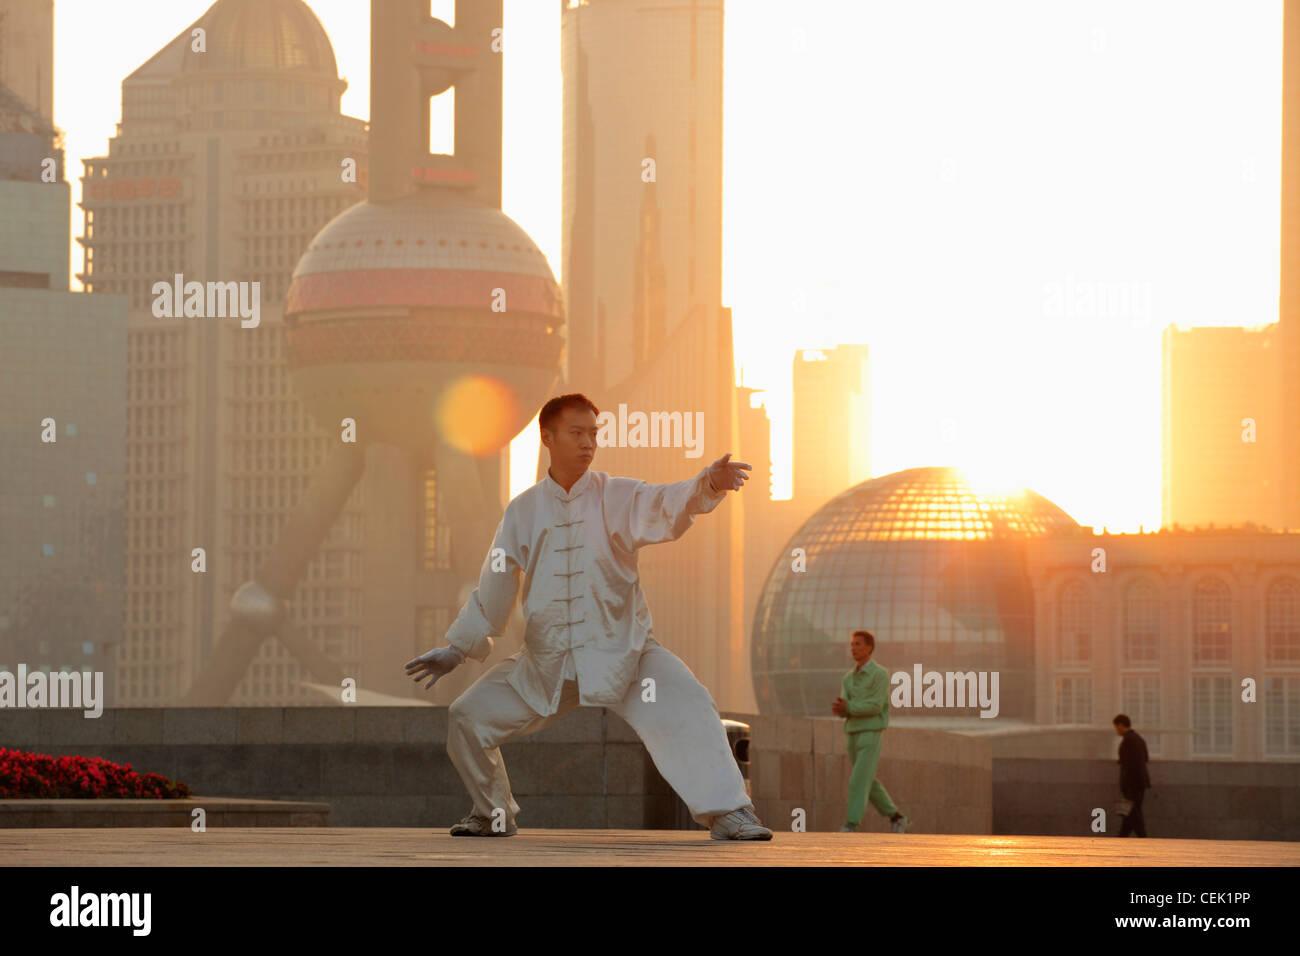 Uomo cinese facendo arti marziali al mattino sul Bund, Shanghai, Cina Immagini Stock